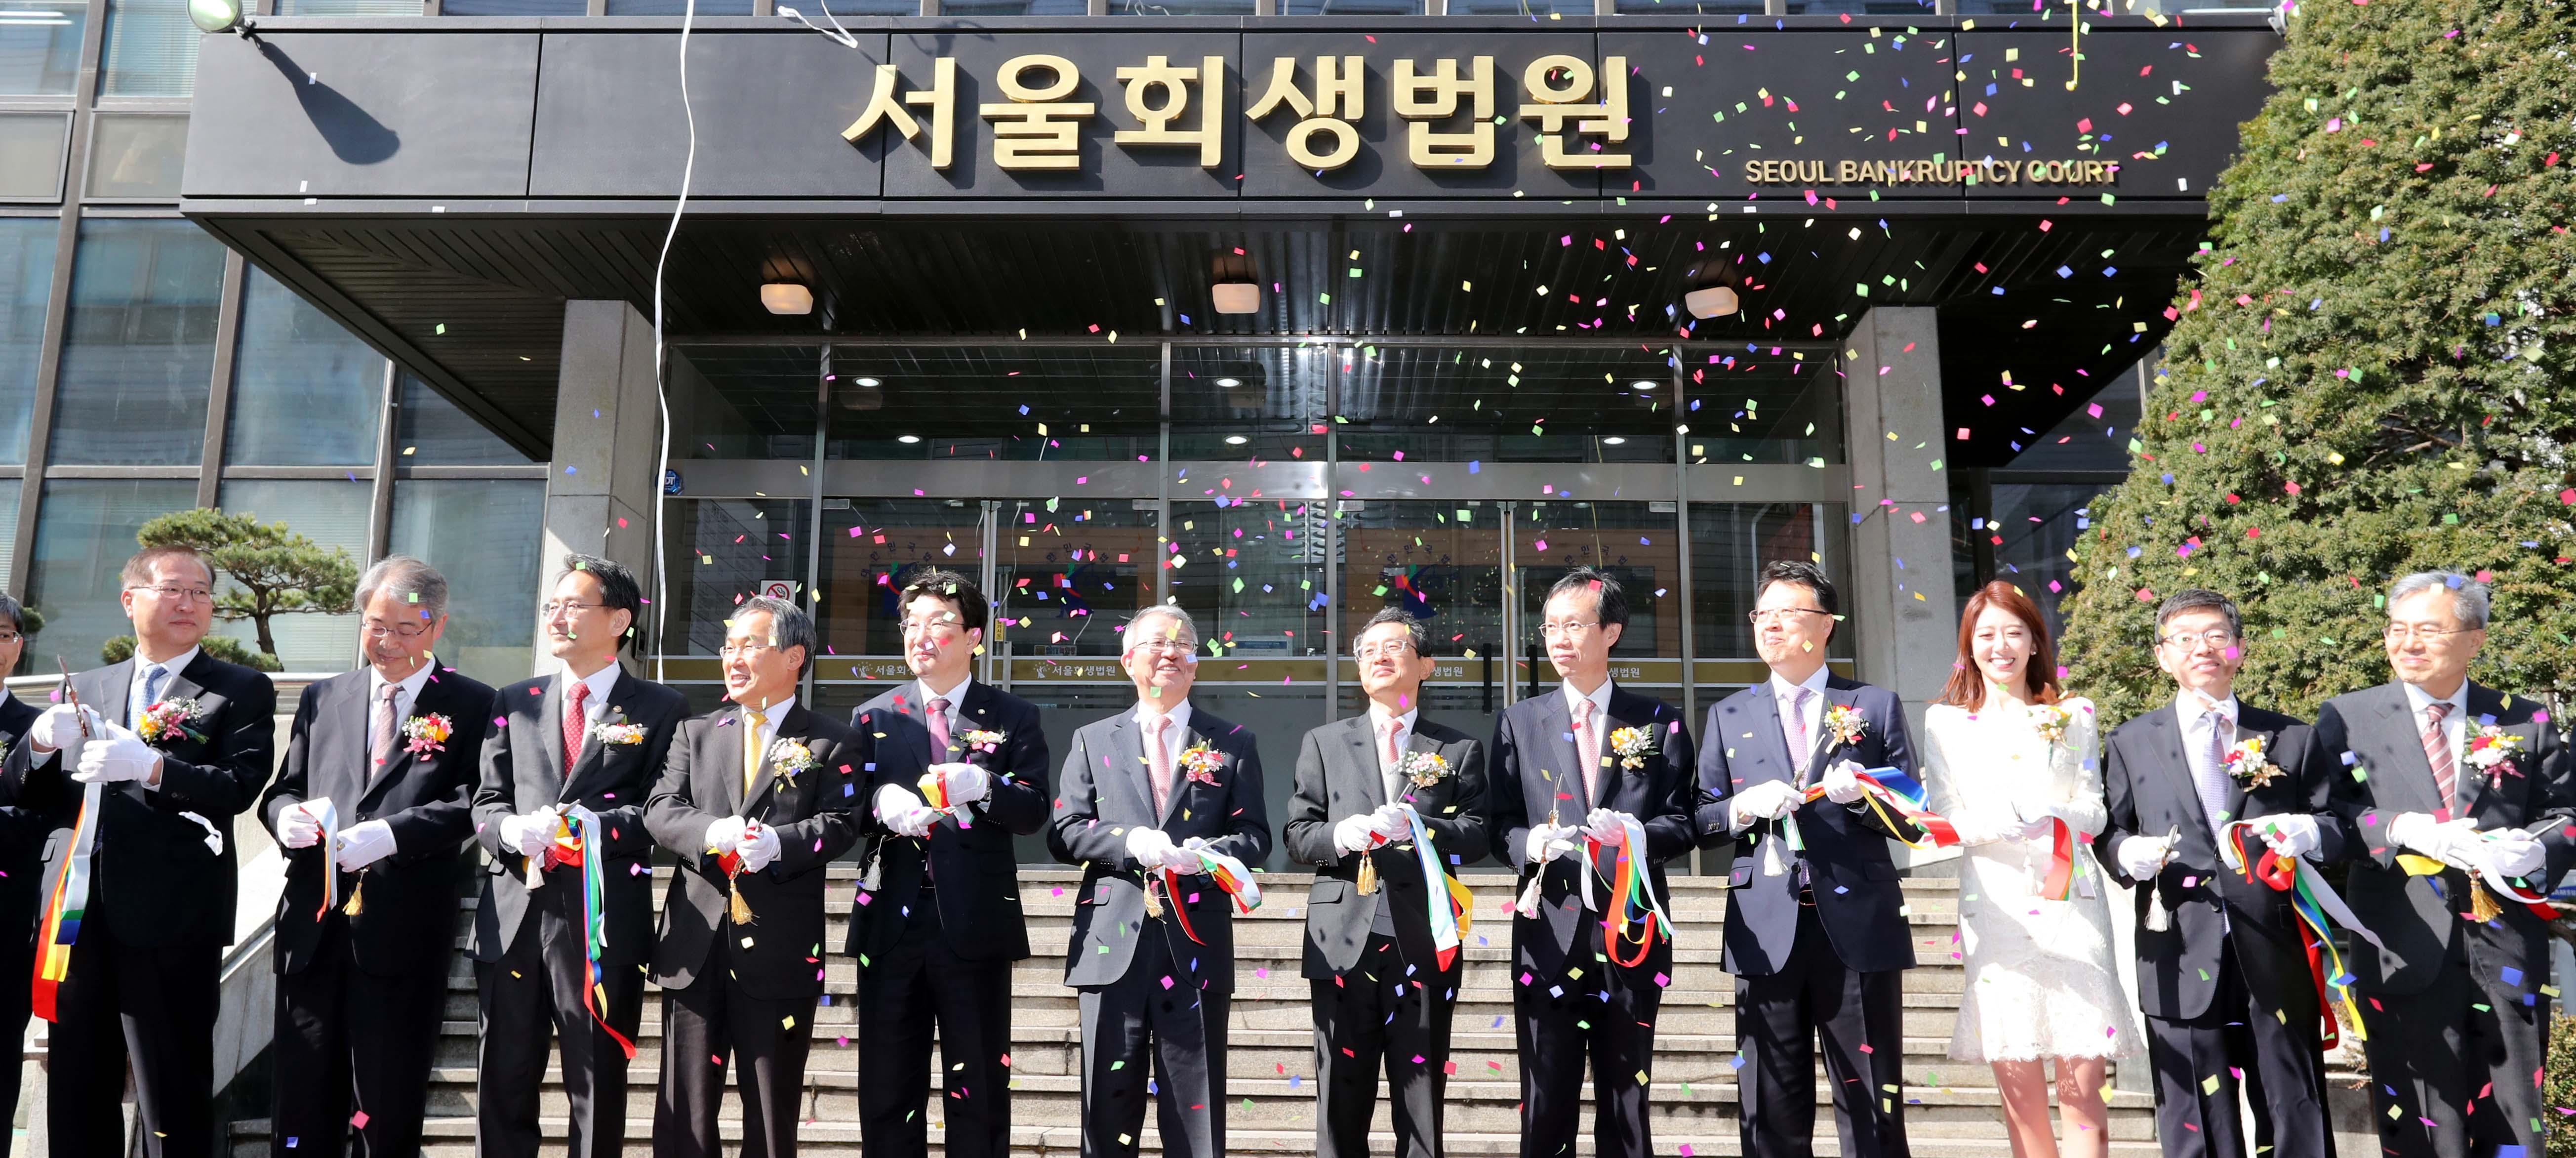 서울회생법원, 중소기업 맞춤형 회생절차 심포지엄 개최